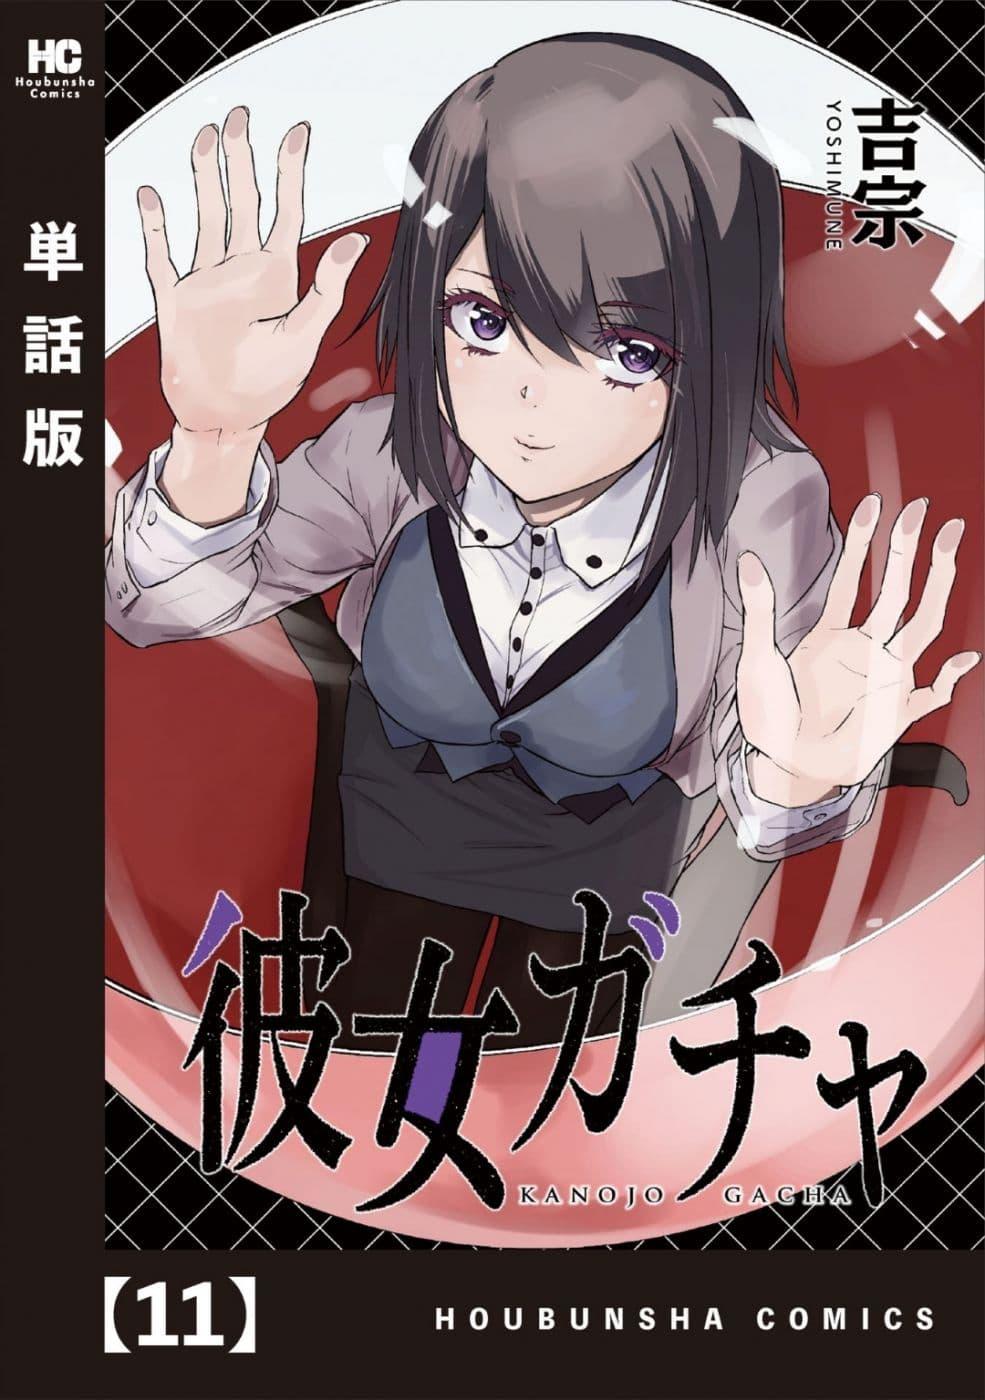 อ่านการ์ตูน Kanojo Gacha ตอนที่ 11 หน้าที่ 2